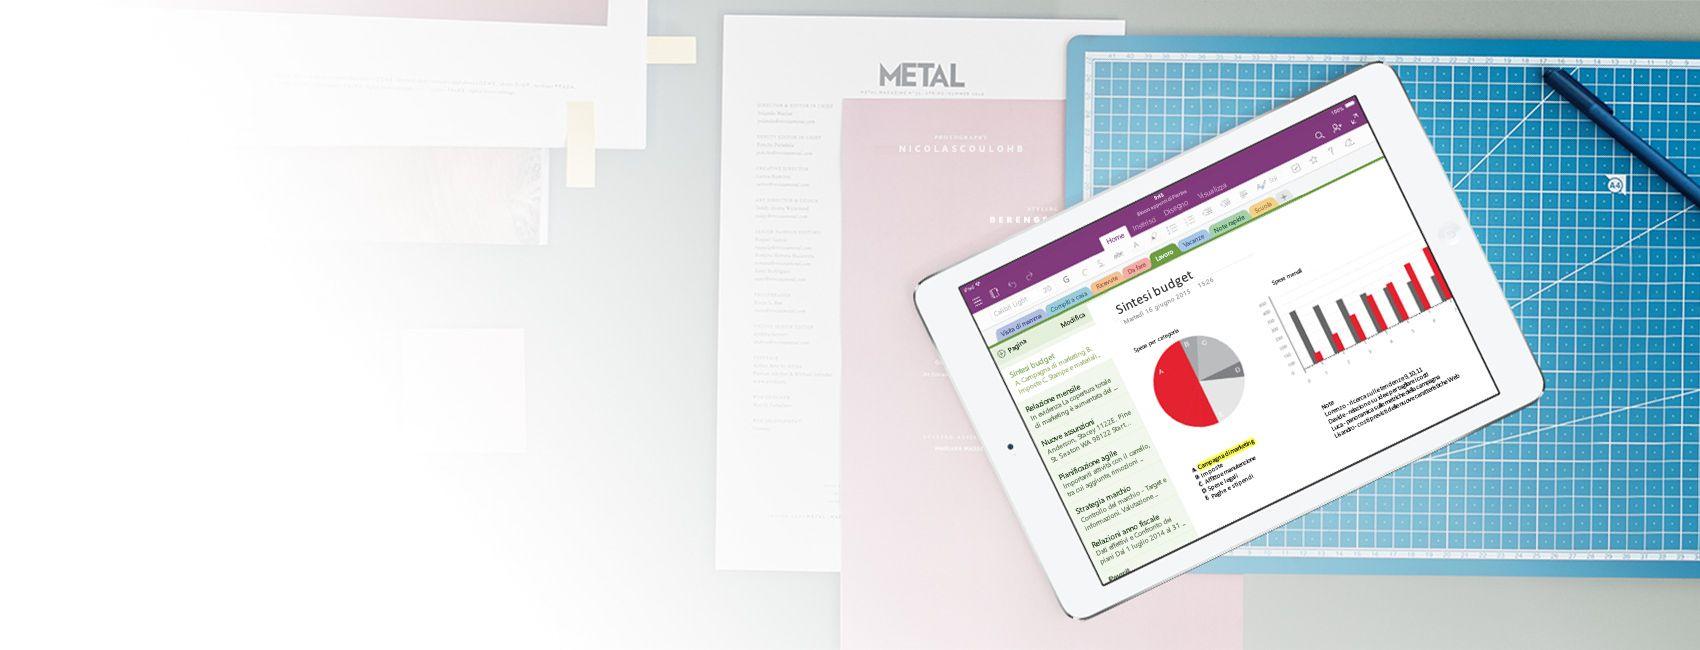 iPad che visualizza un blocco appunti di OneNote con grafici e diagrammi riepilogativi del budget